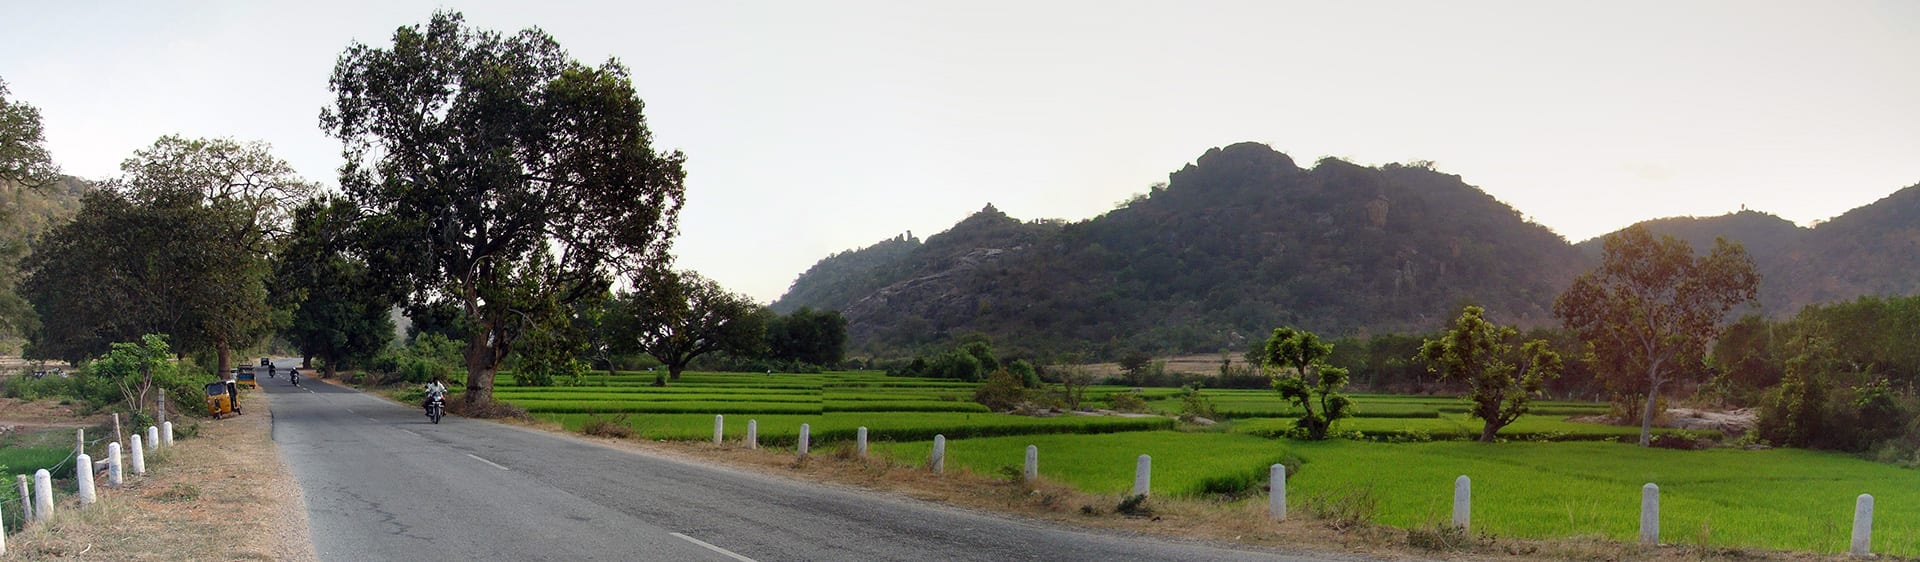 Road_Panorama_View